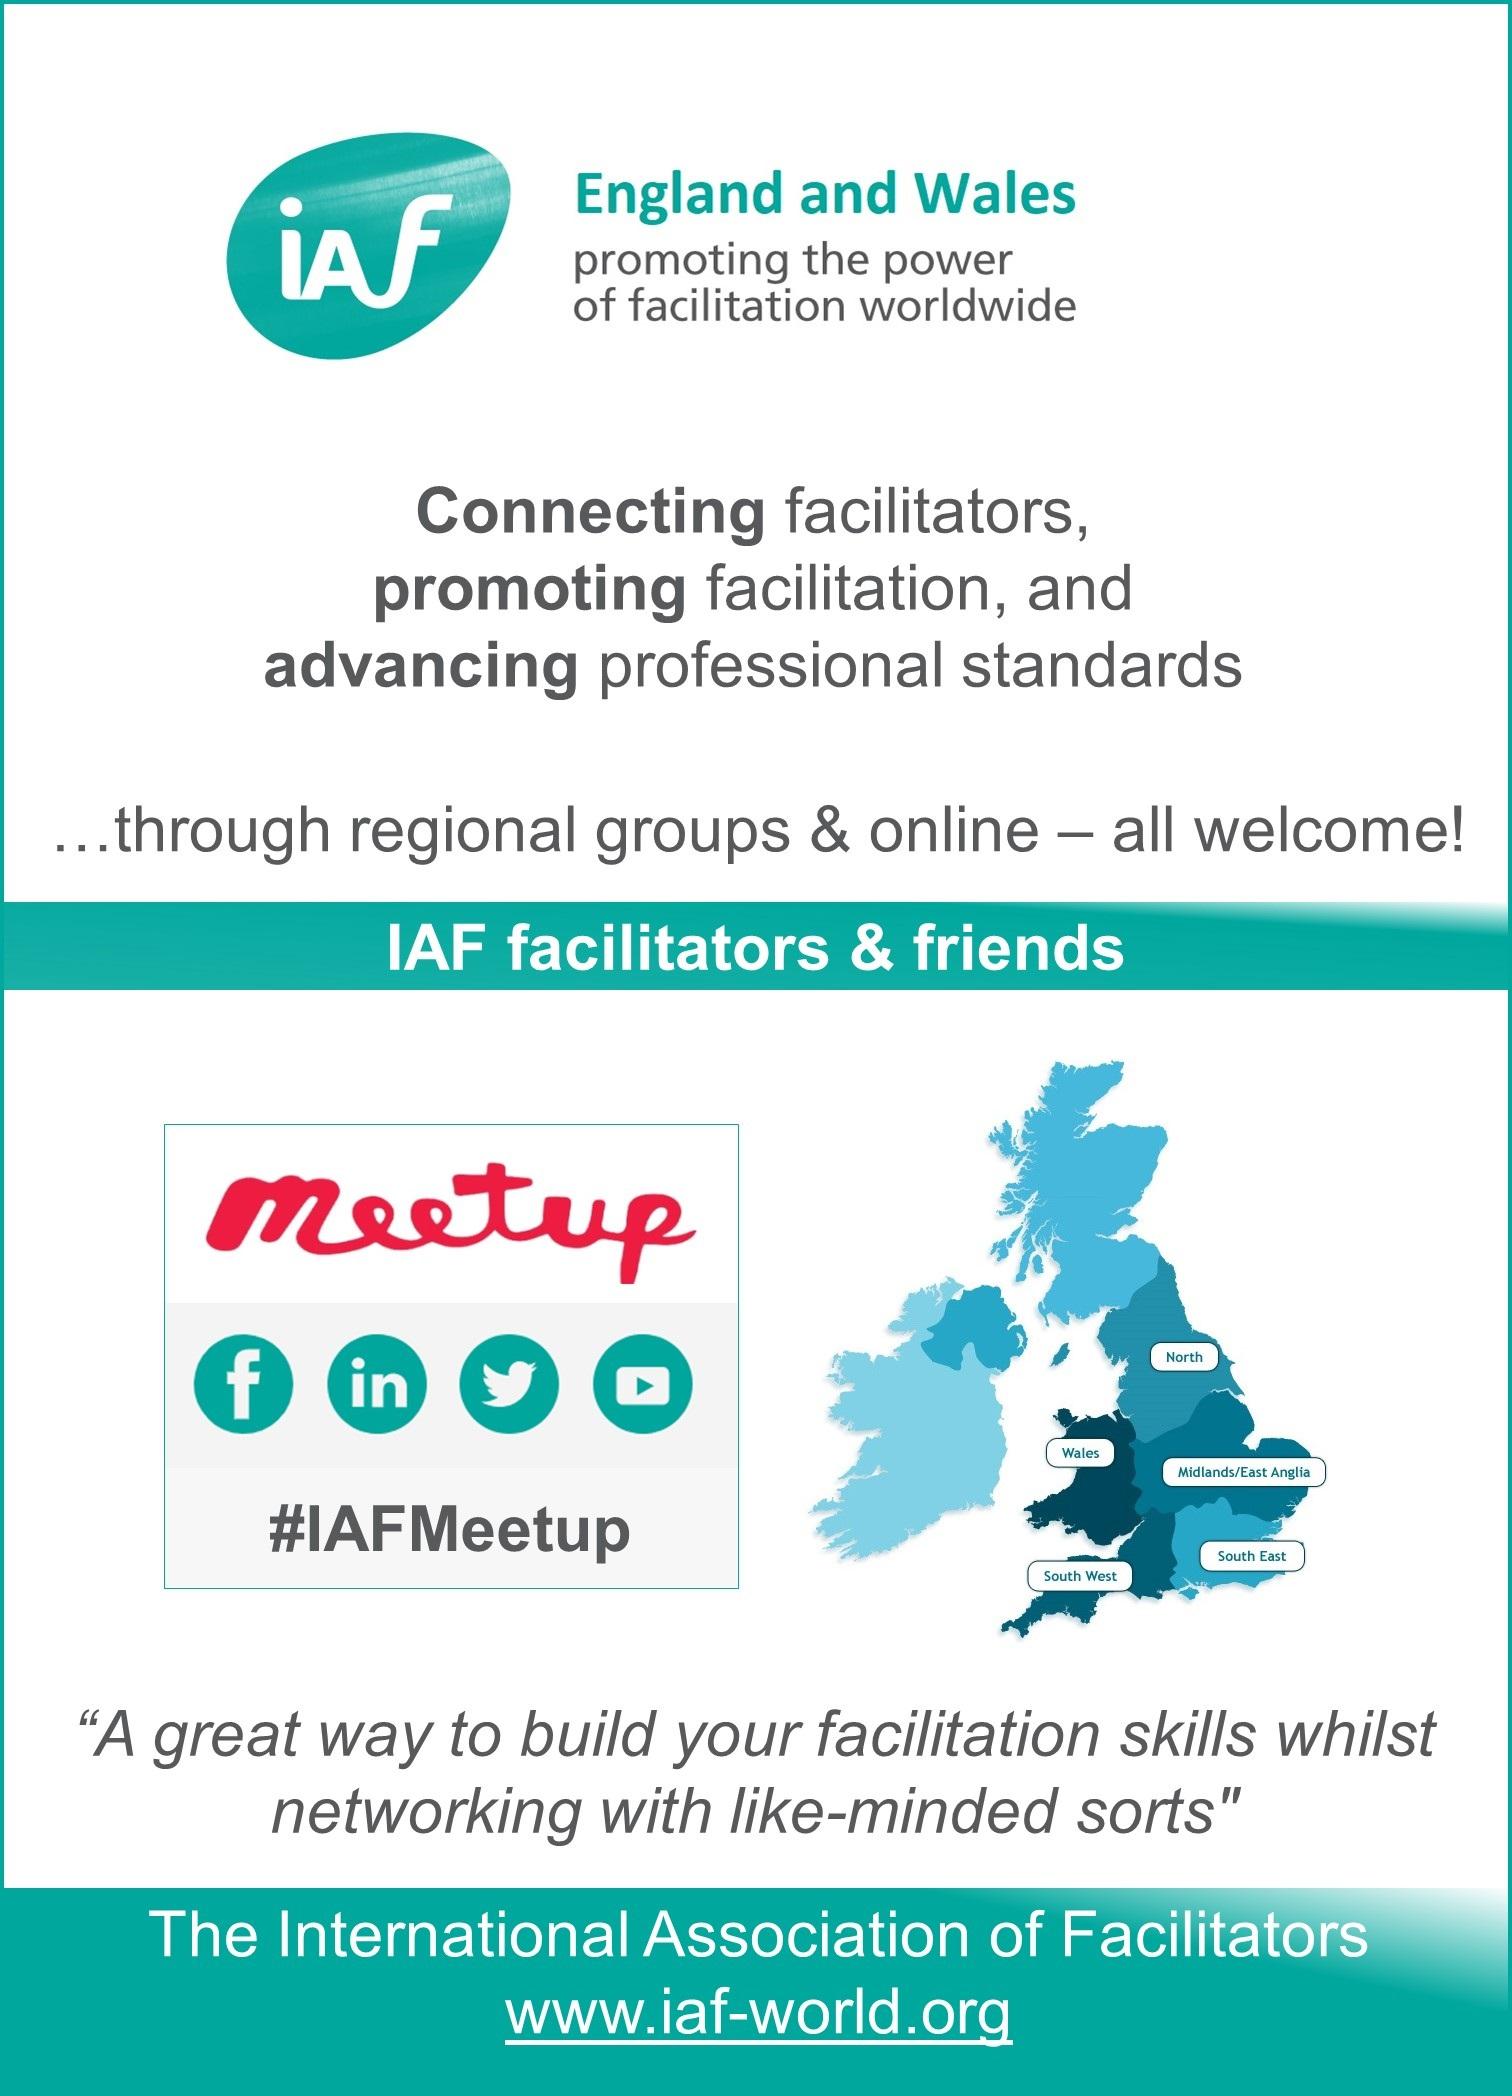 IAF England & Wales meetups